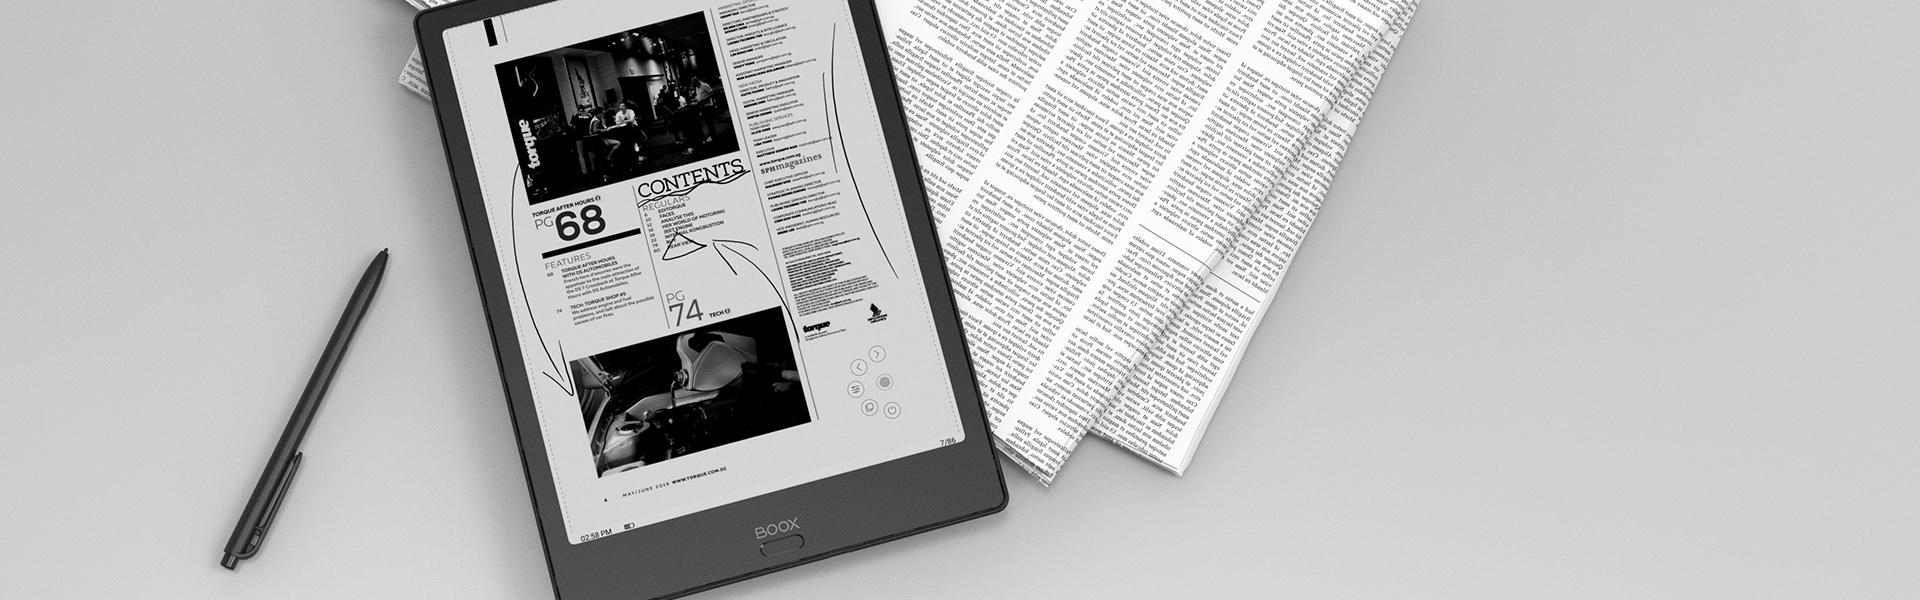 Onyx Boox Note 2 to doskonały czytnik do tworzenia elektronicznych notatek.